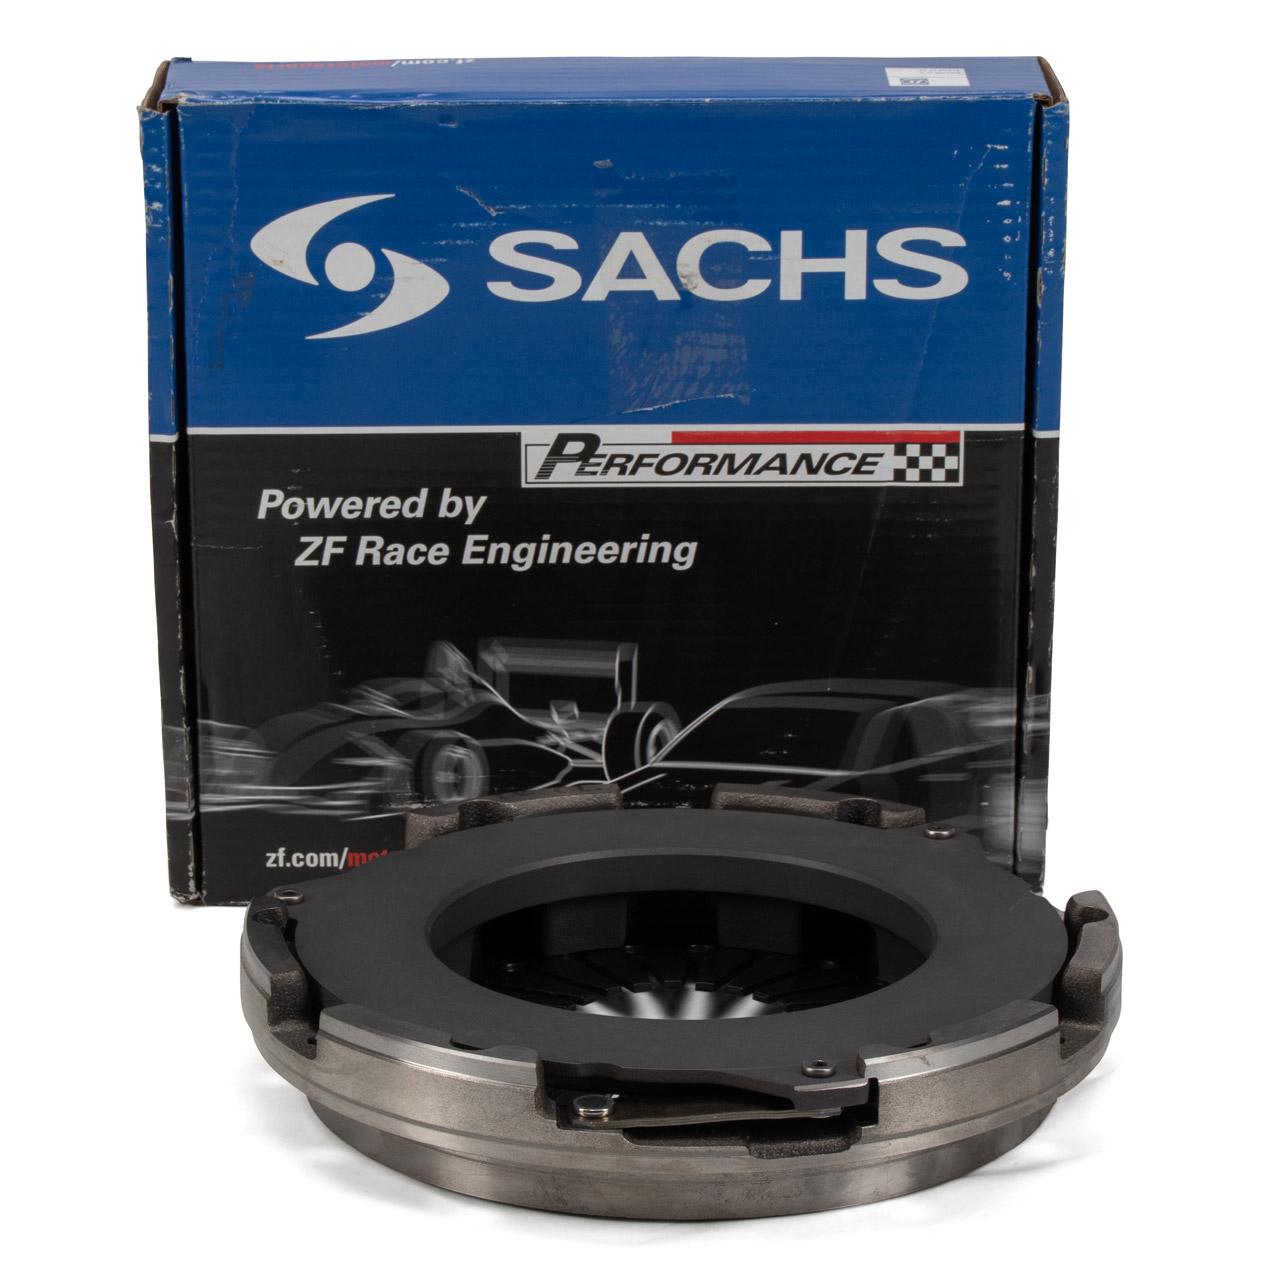 SACHS PERFORMANCE Kupplungsdruckplatte PORSCHE 944 2.5 Turbo + 968 3.0 Turbo S